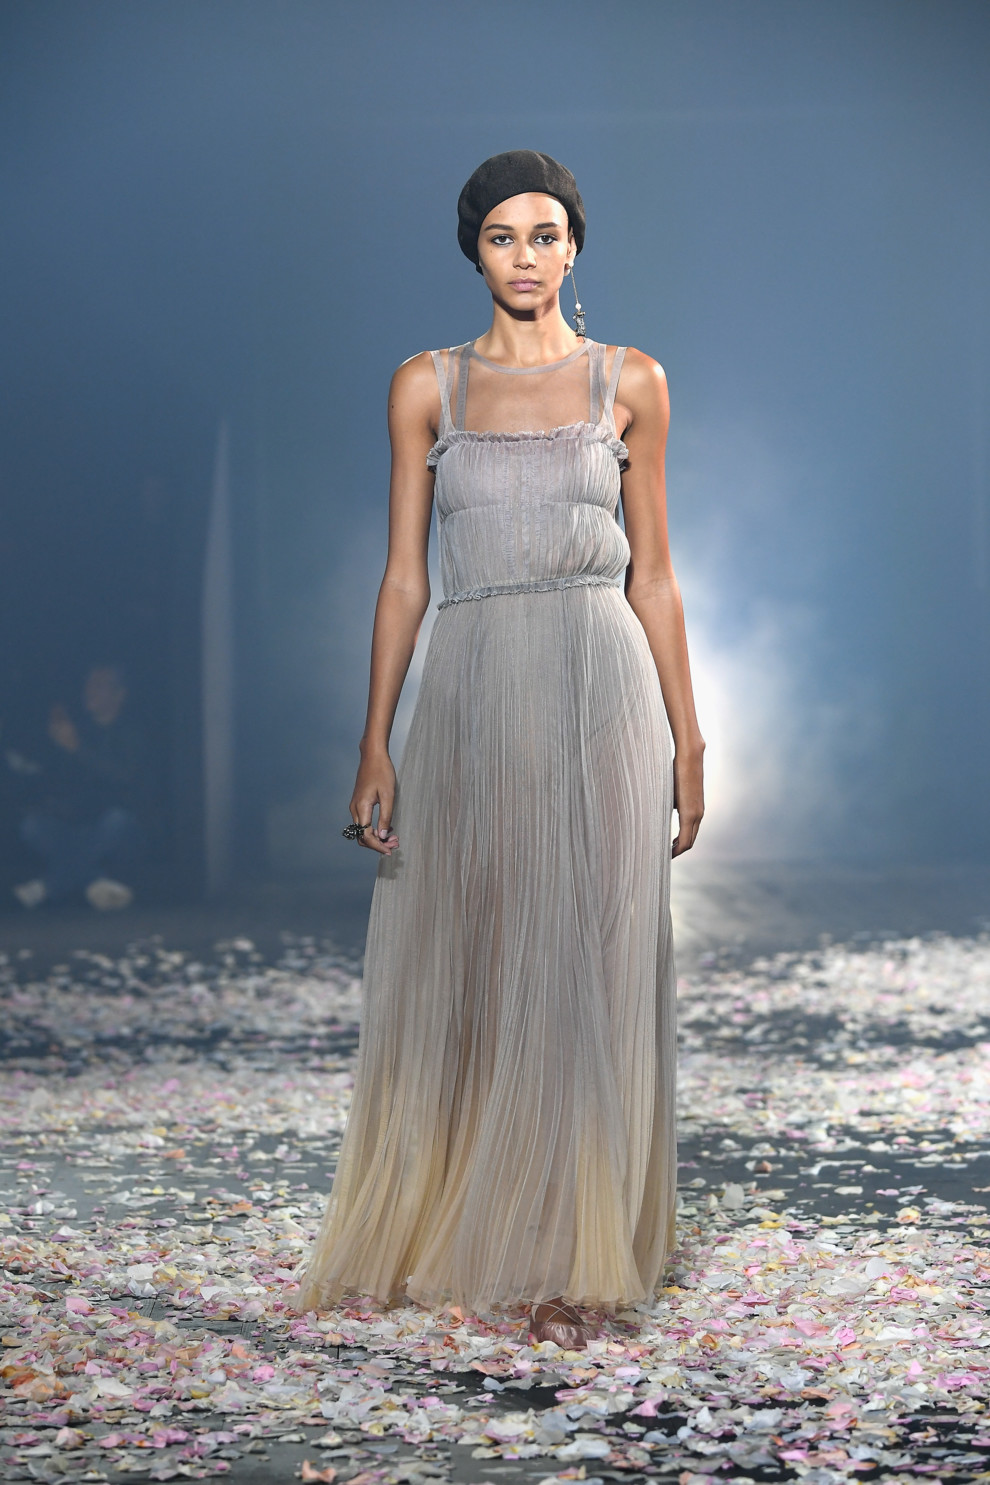 5ba8ff1db8913 - Старт Недели моды в Париже: Christian Dior весна-лето 2019